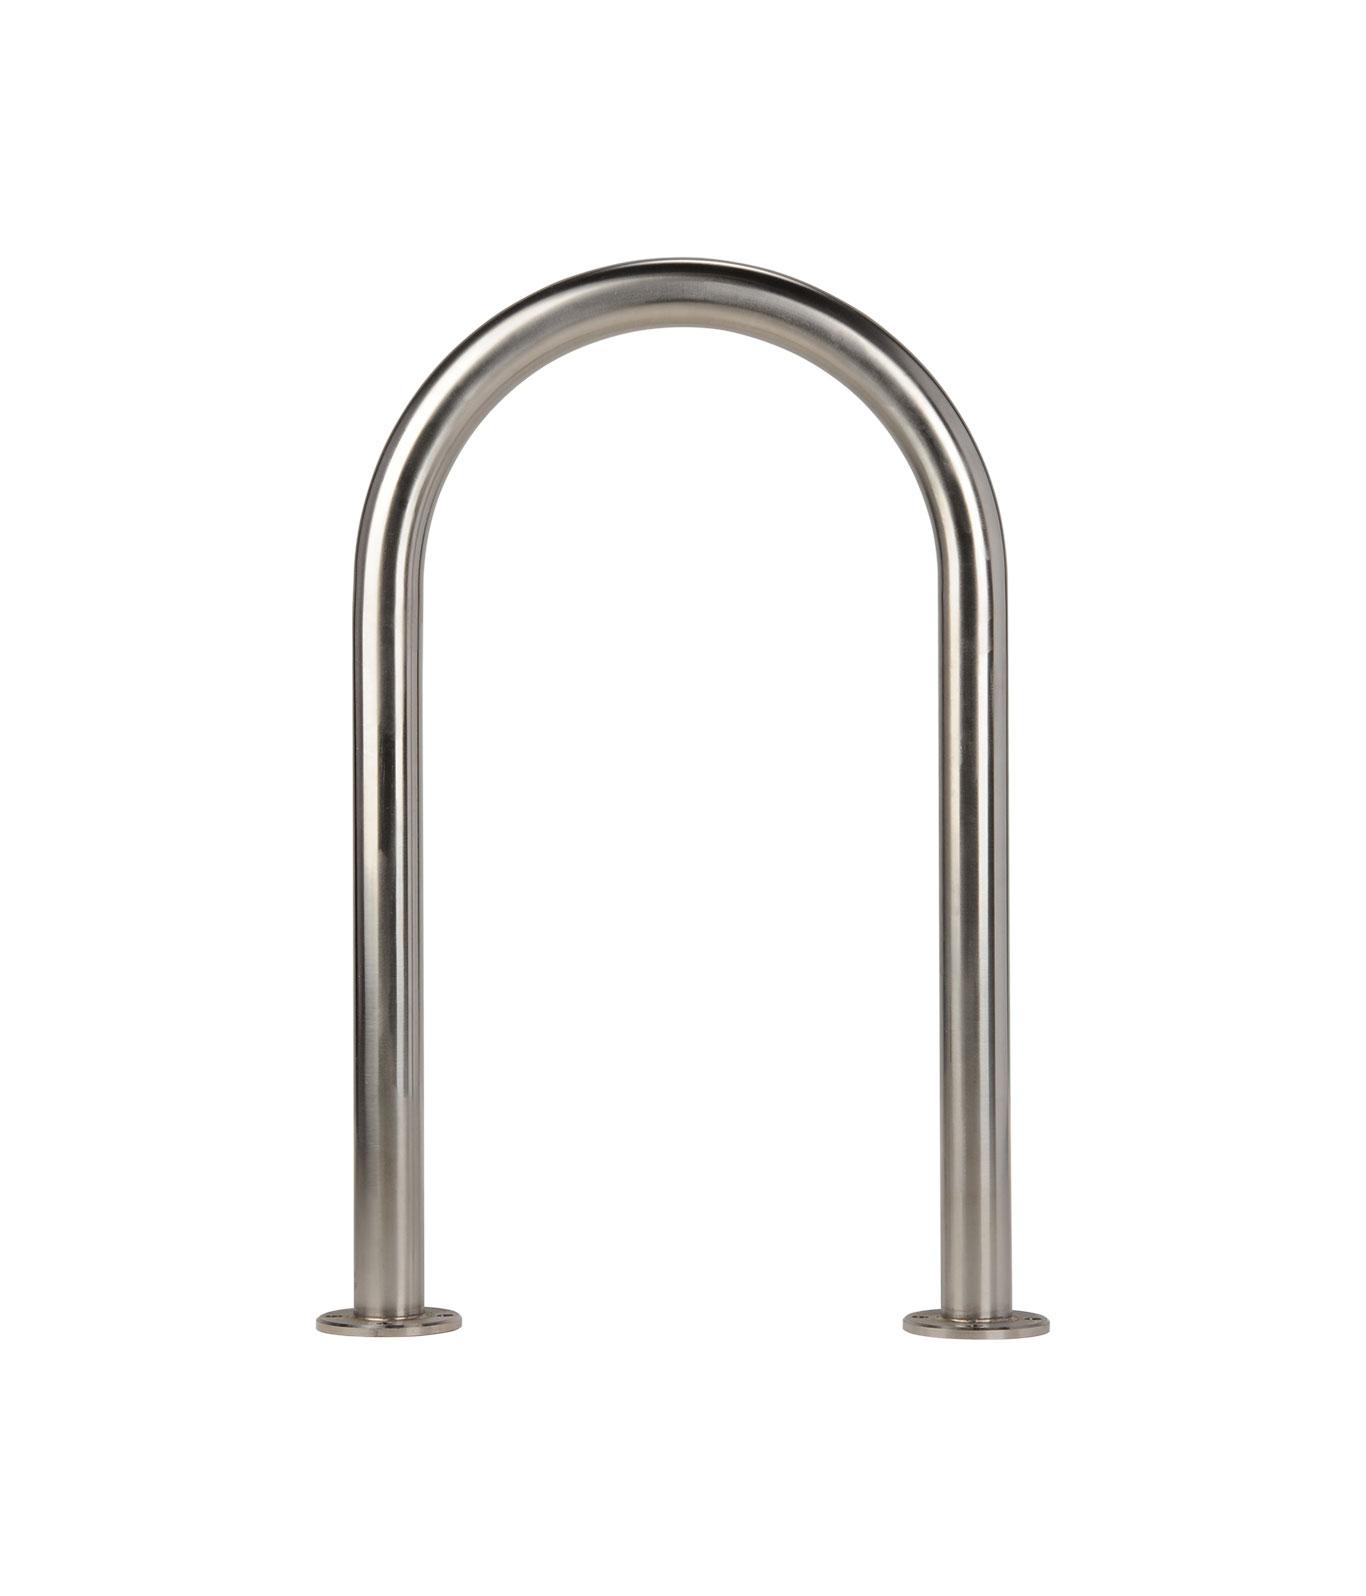 R-8238-SS stainless steel U bike rack